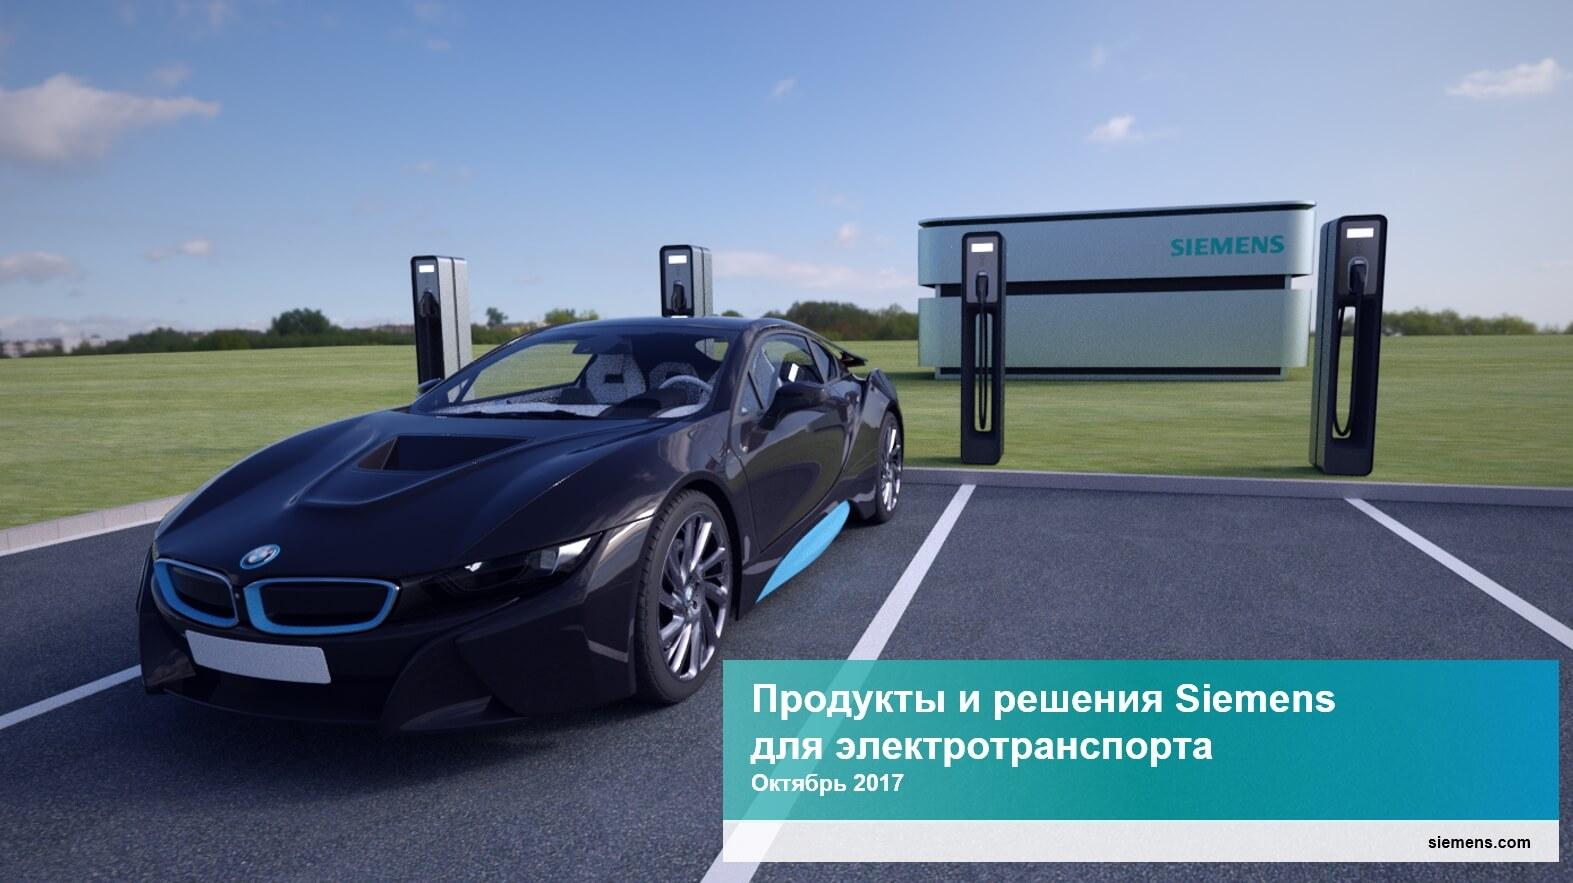 «Сименс Украина»: продукты и решения Siemens для электротранспорта